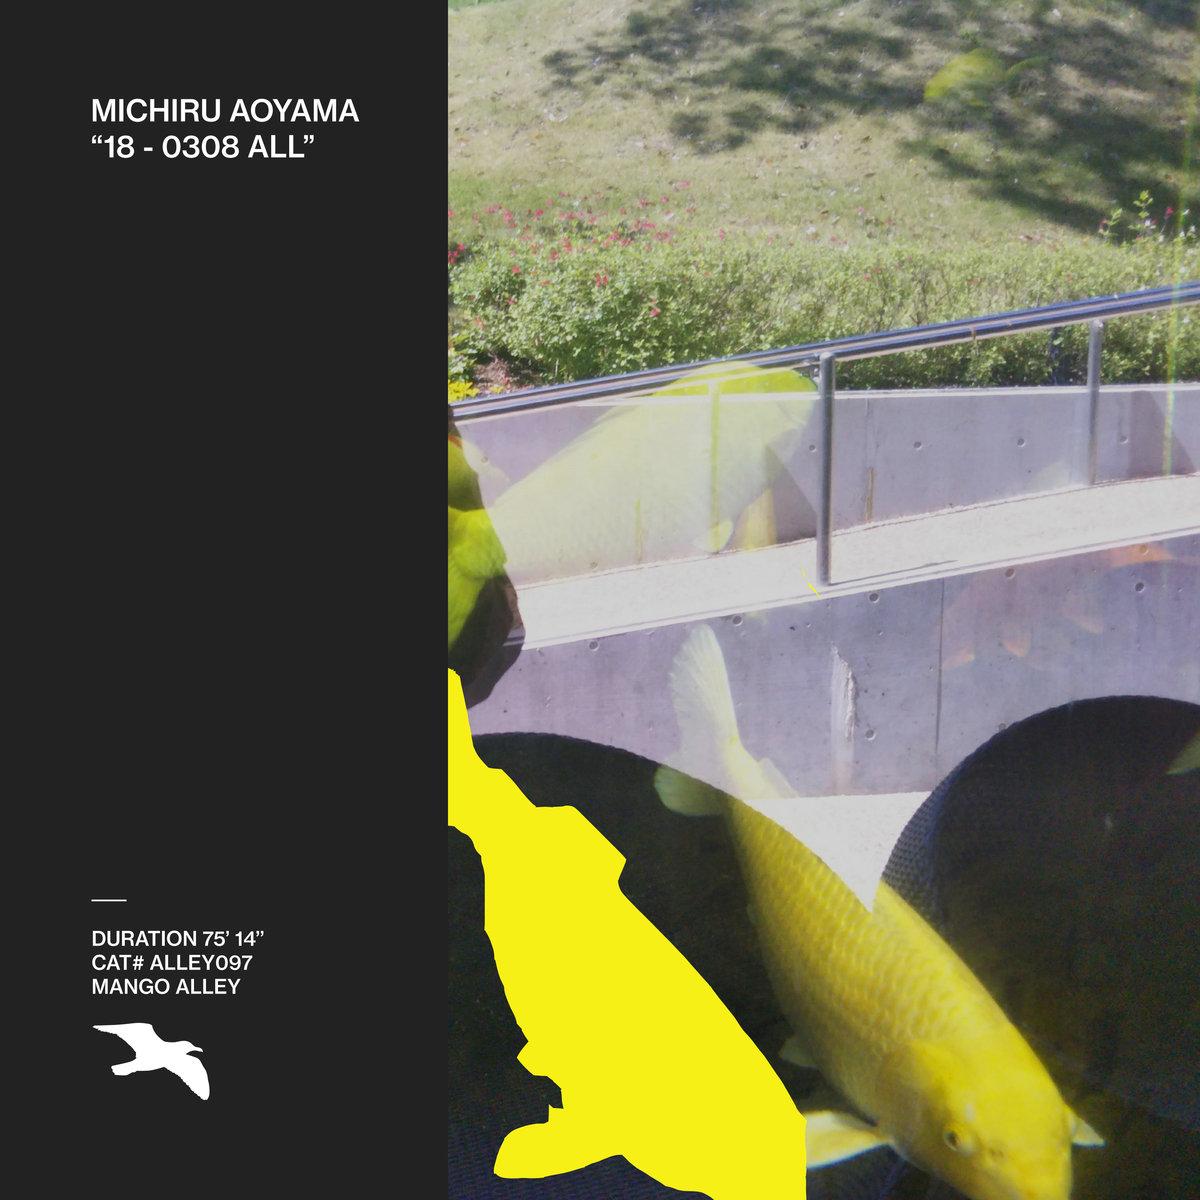 18 - 0308 ALL w/ Michiru Aoyama  Mango Alley (ALLEY097)  → info